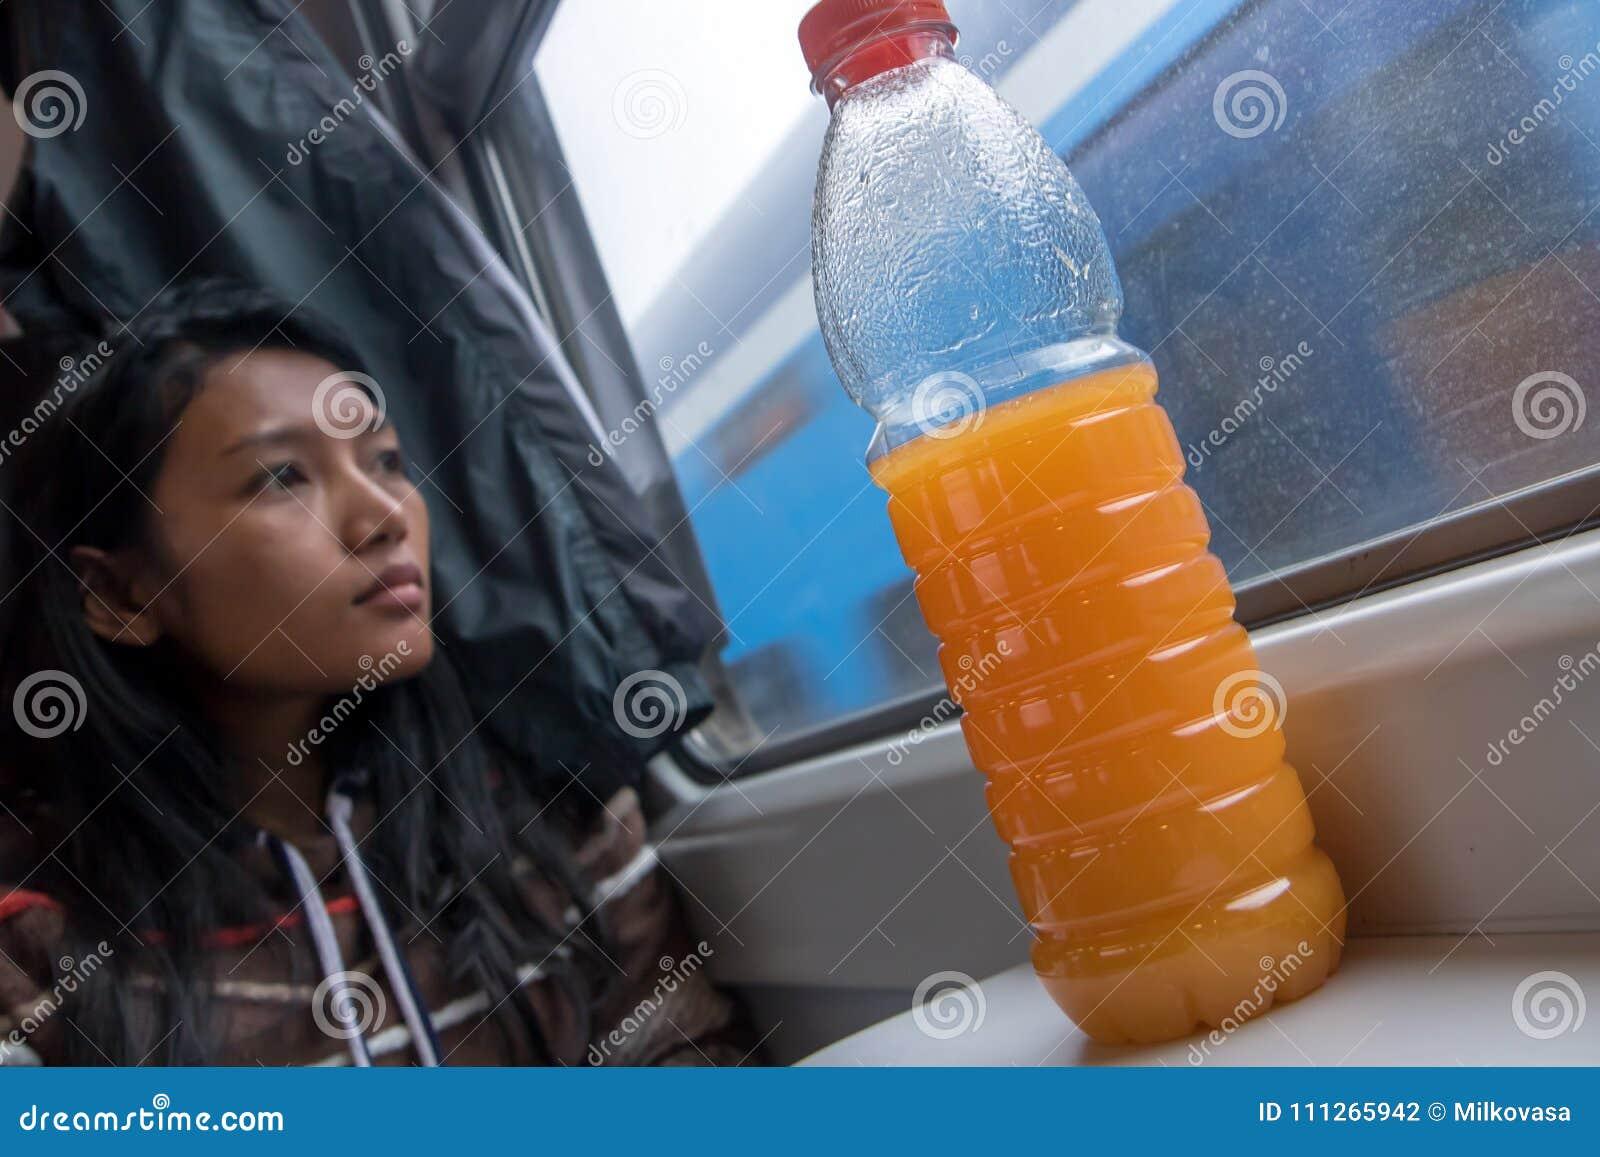 Οδήγηση γυναικών από το σιδηρόδρομο με το χυμό από πορτοκάλι στον πίνακα